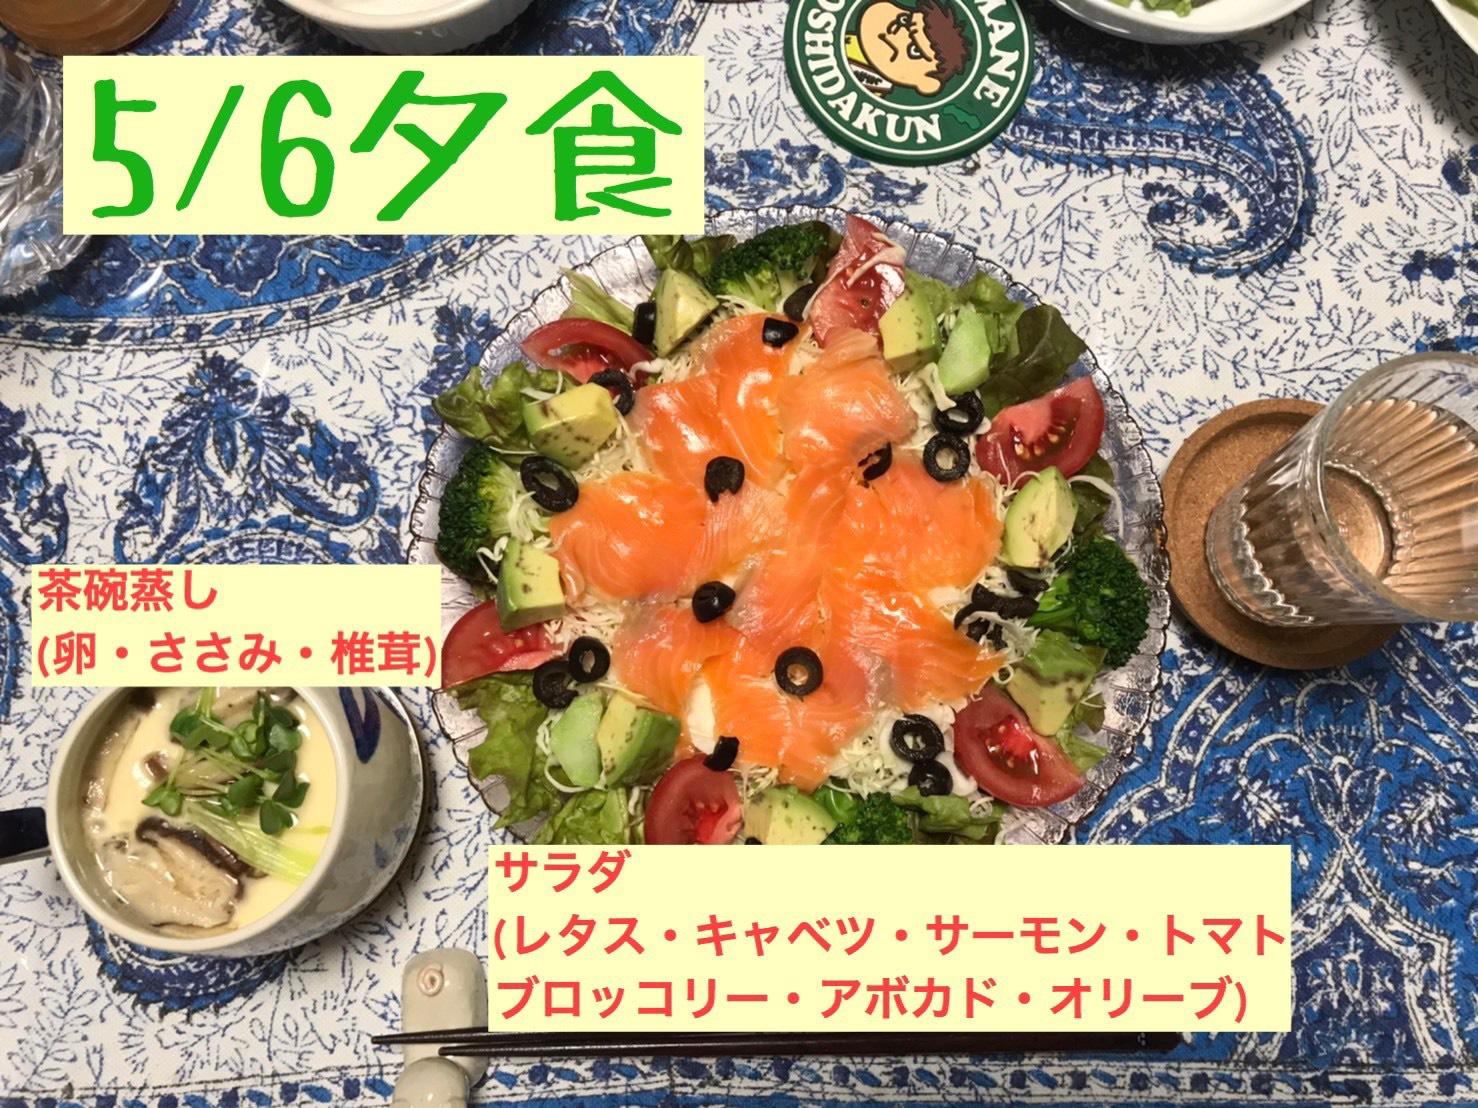 ダイエット食事例@福岡マンツーマン ジム